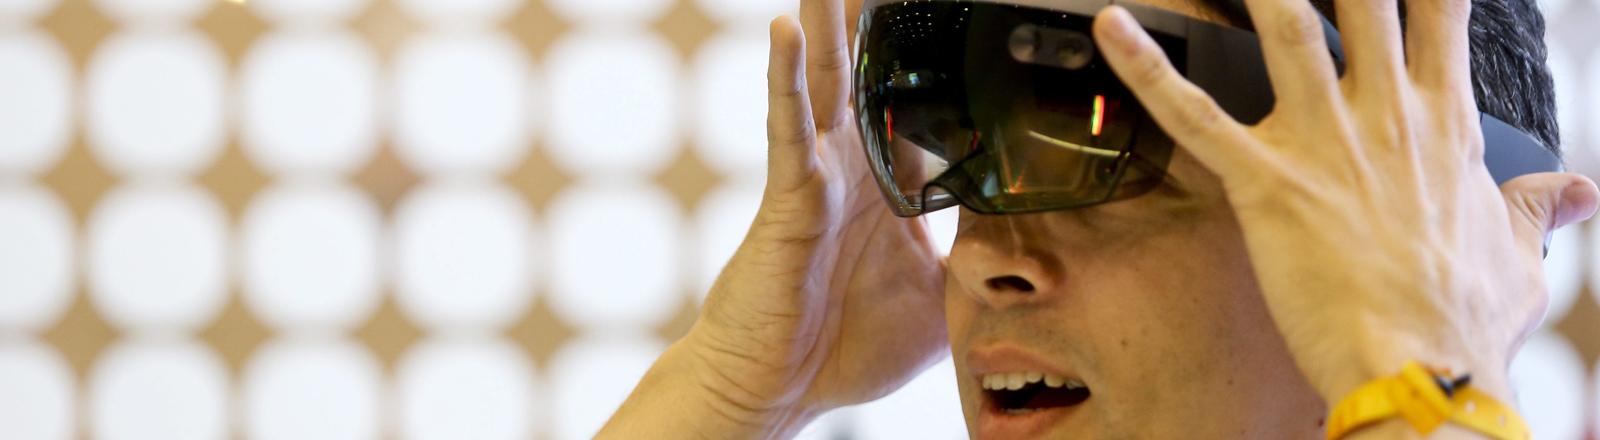 Ein Mann mit einer Virtual-Reality-Headset.